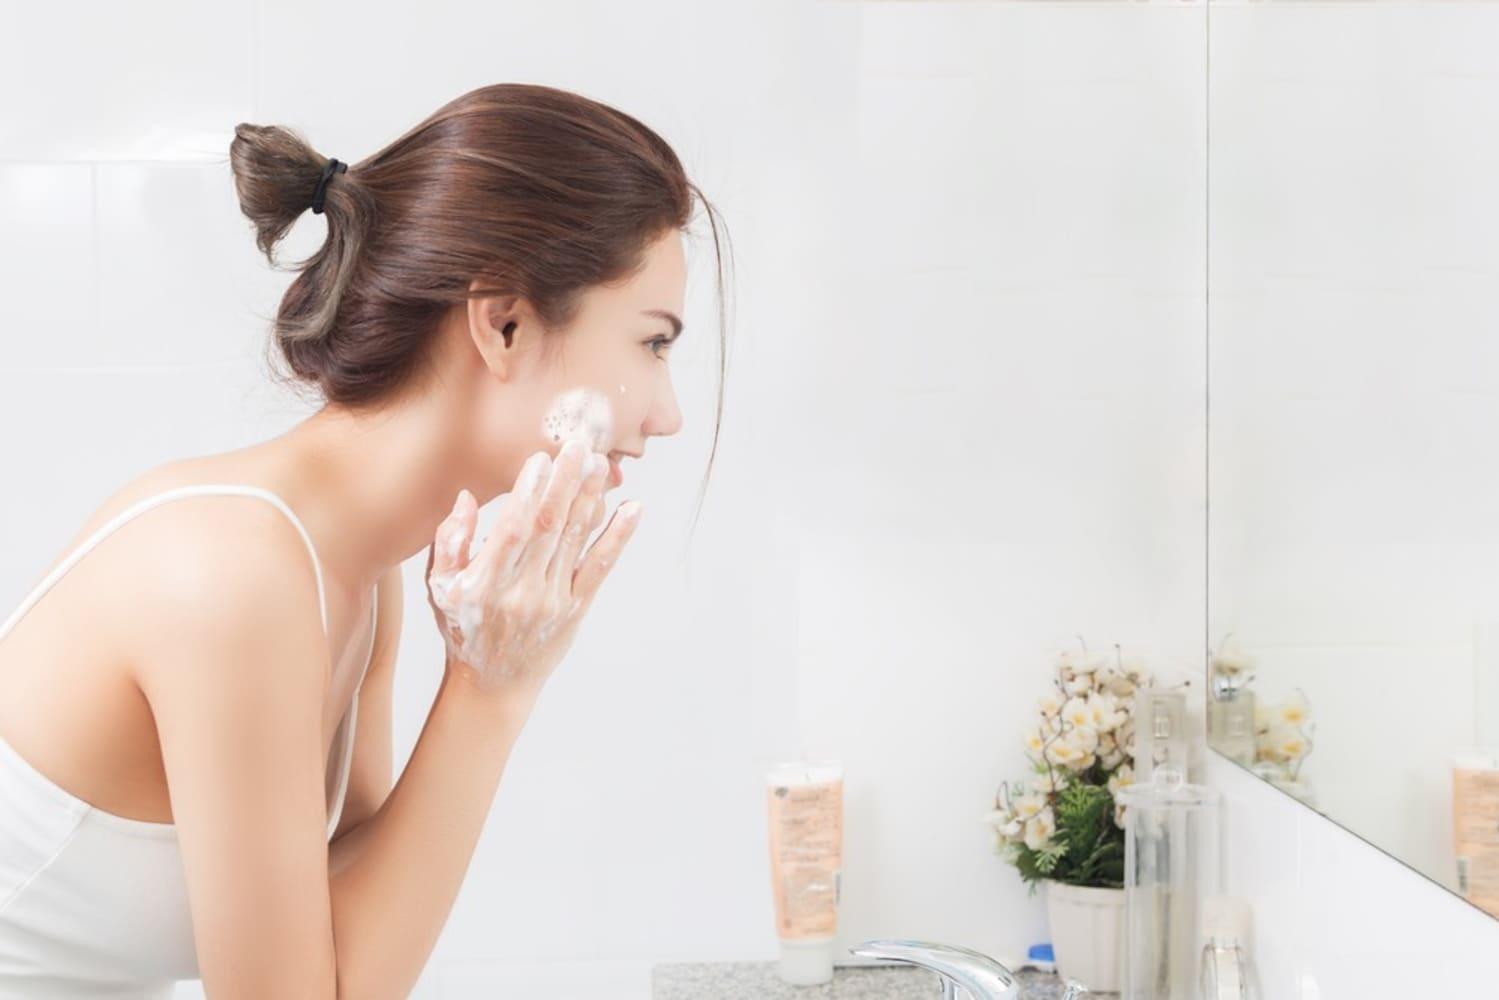 化粧石鹸|合成成分を含んでいないタイプがベター